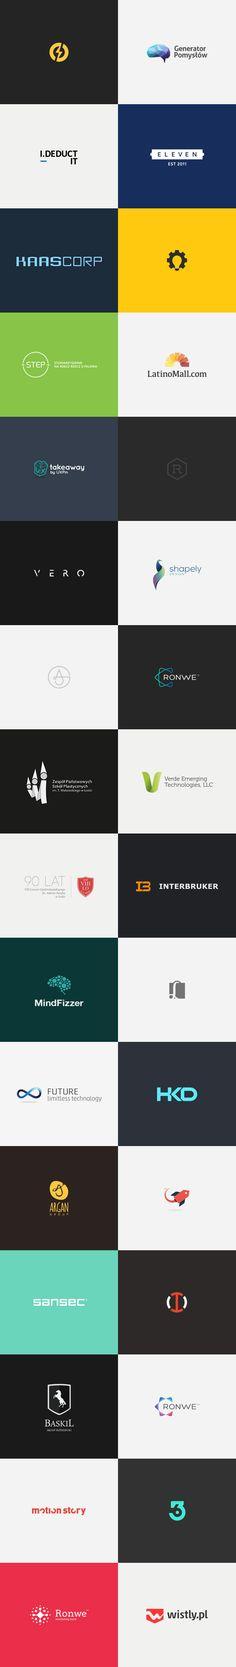 Brand Marks by Dominik Pacholczyk #logos